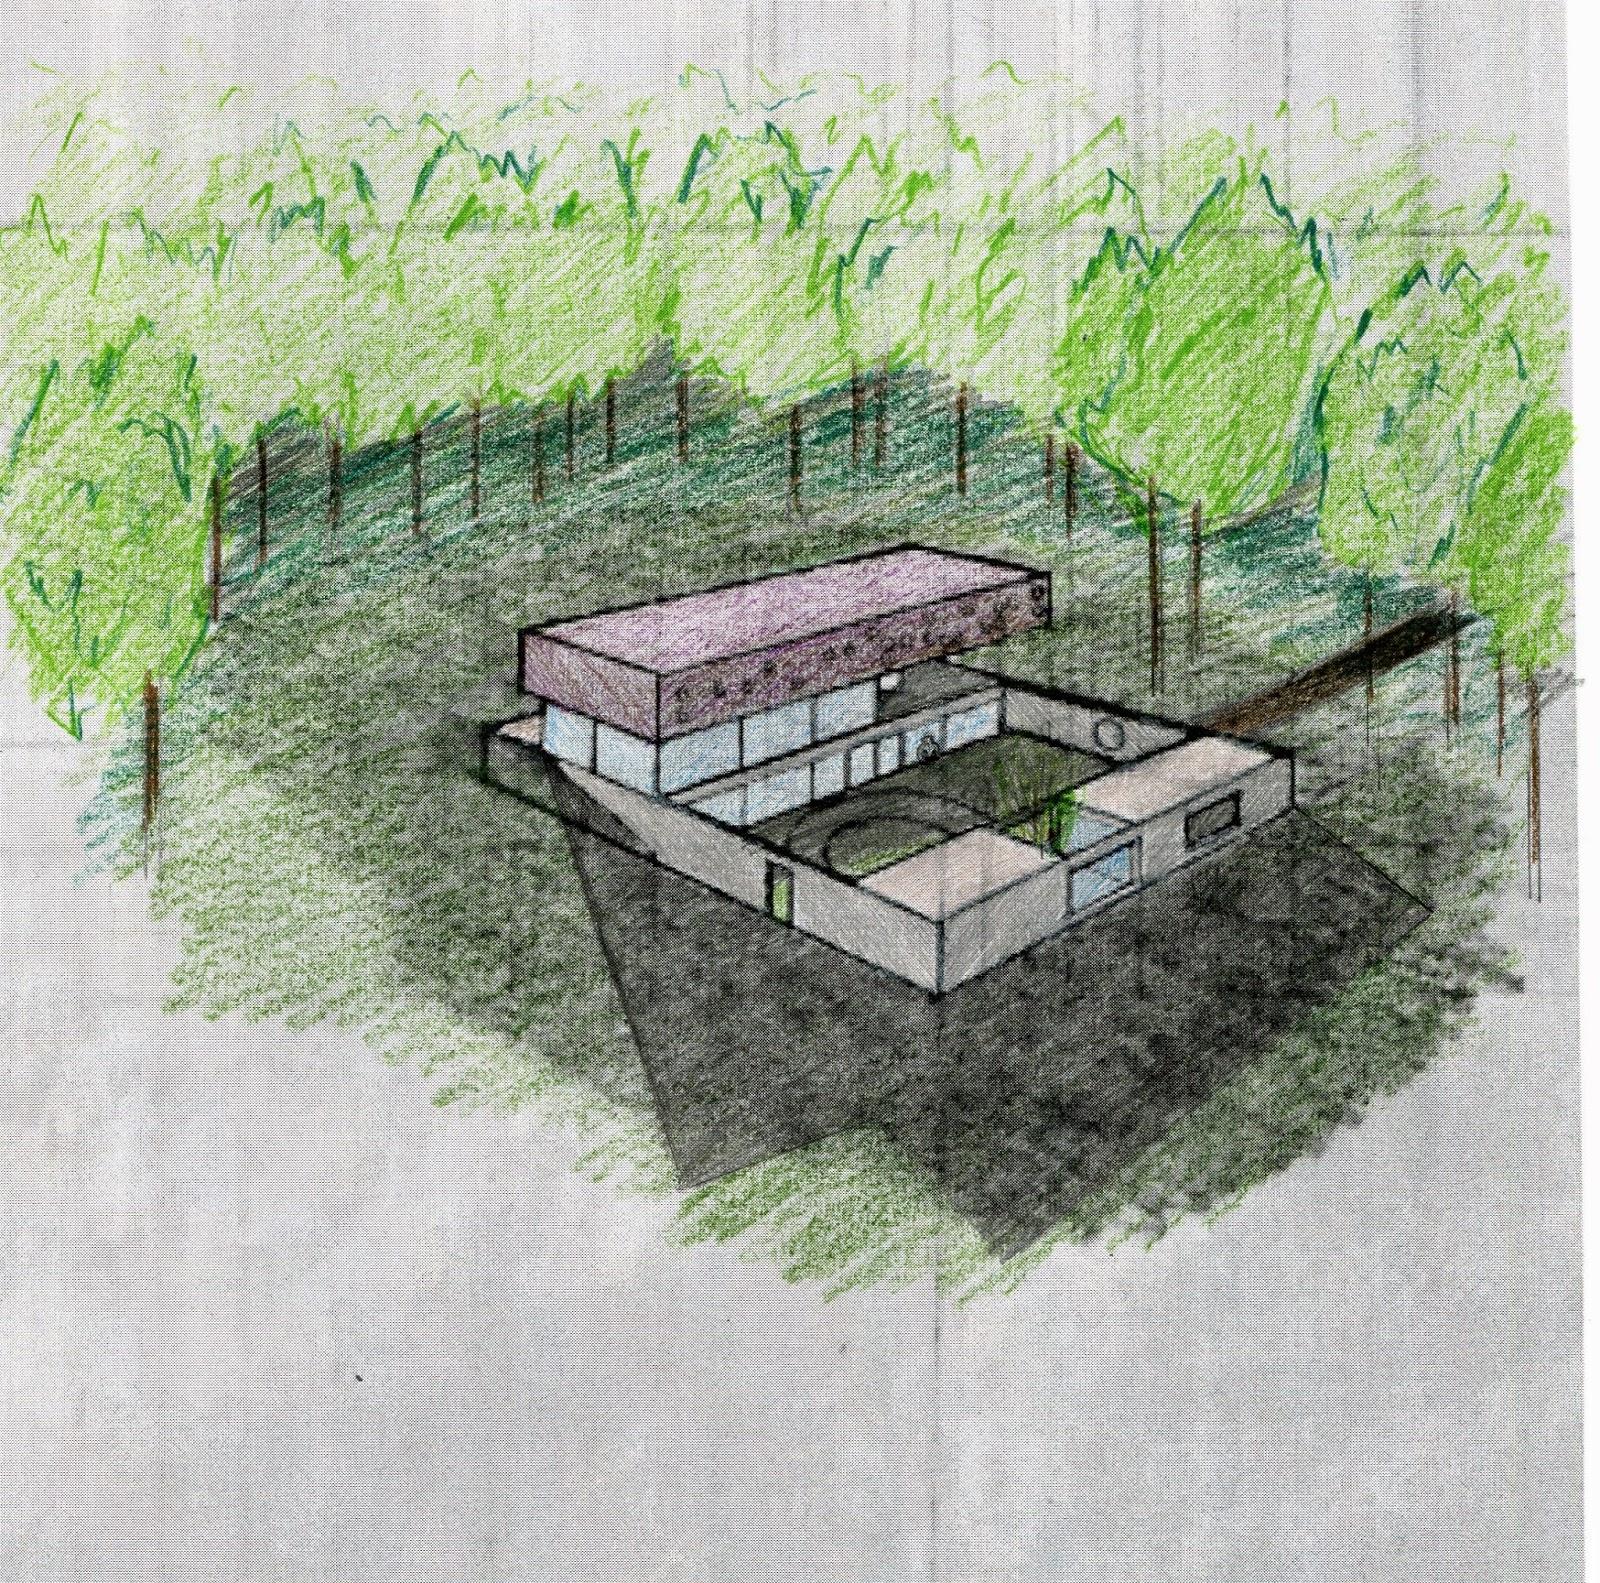 Portfolio maison a bordeaux rem koolhaas drawings - Maison de l architecture bordeaux ...